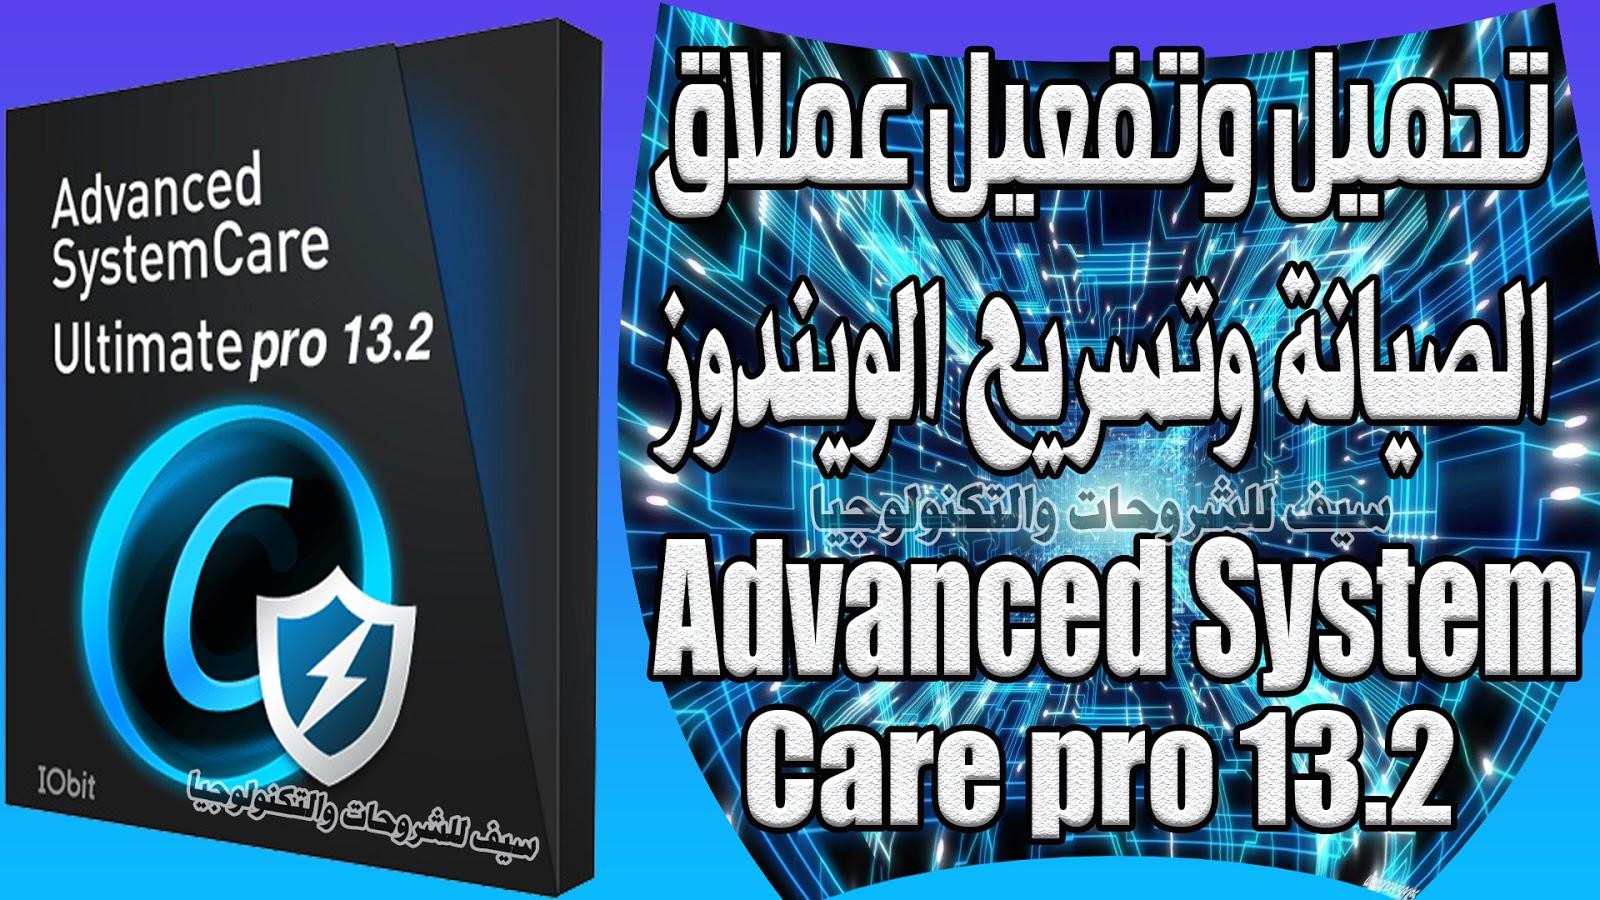 تحميل وتفعيل عملاق الصيانة وتسريع الويندوز  2020 - Advanced SystemCare pro 13.2 اخر اصدار